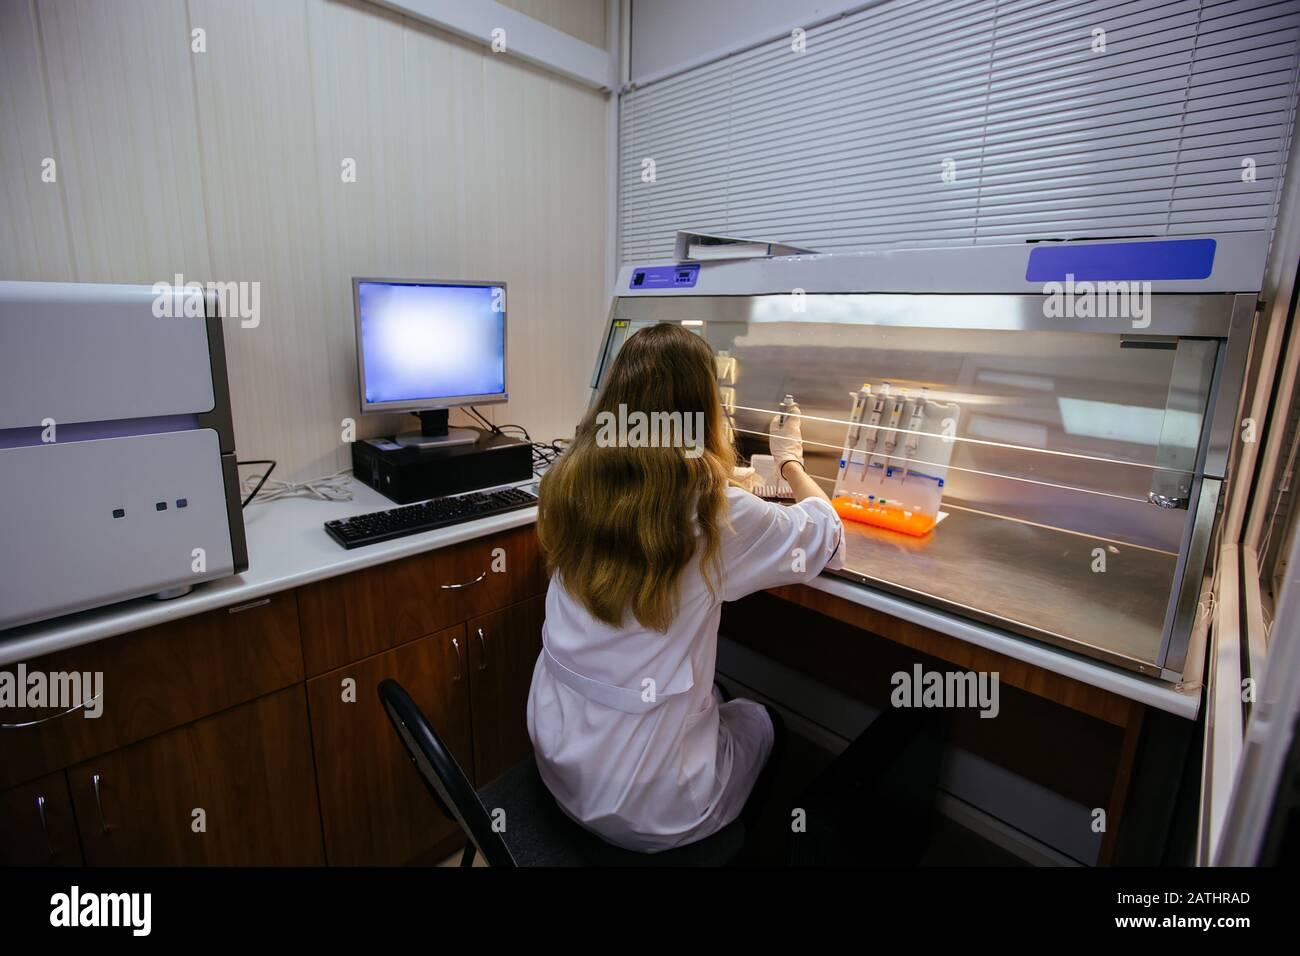 Trabajo científico en caja laminar. Pone muestras de fragmentos de ADN para electroforesis Foto de stock